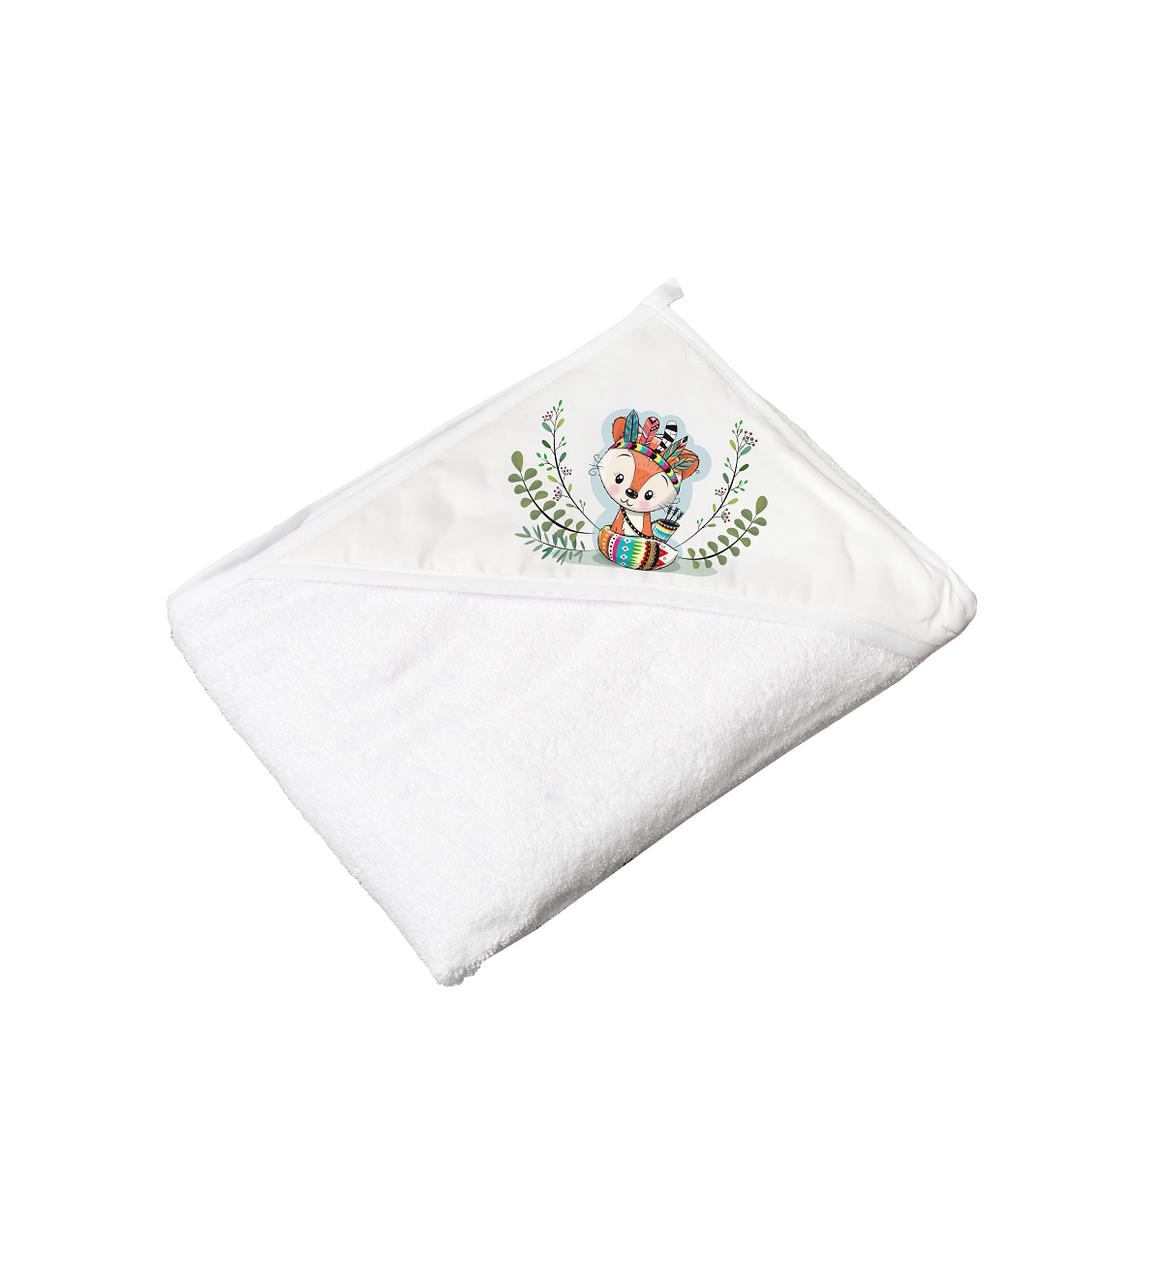 Полотенце махра Tega Дикий запад Fox white 100*100 см